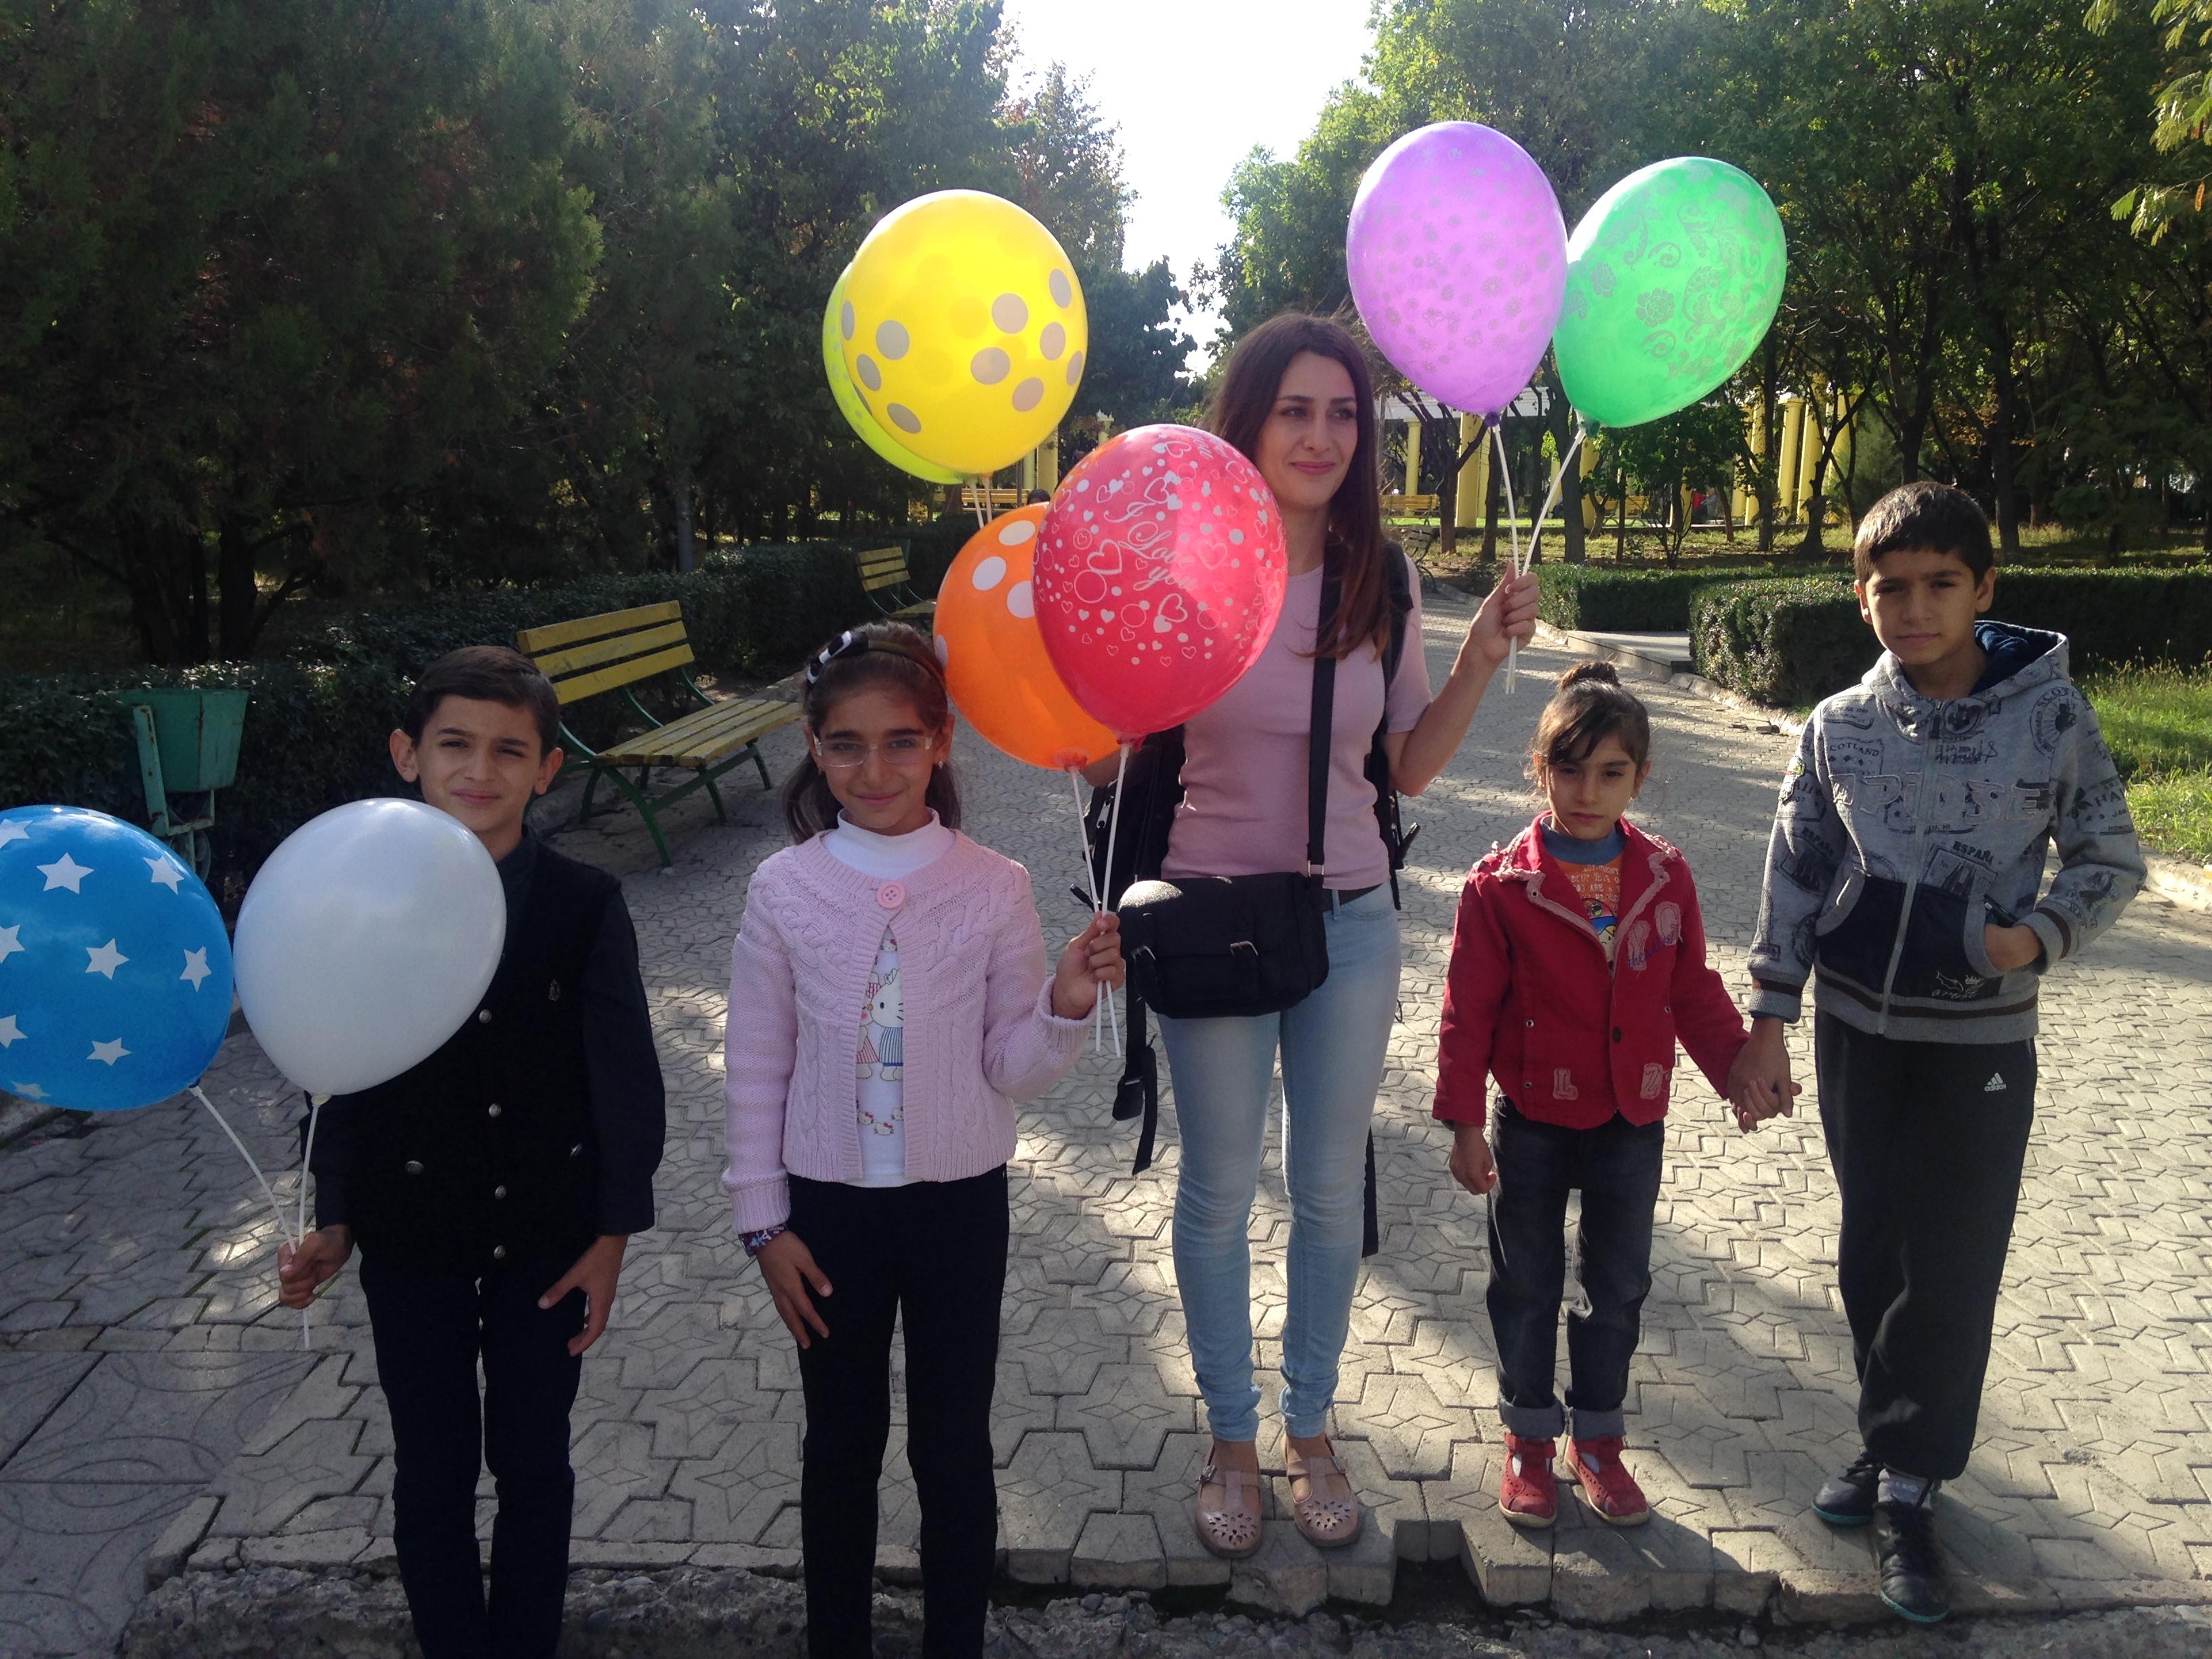 Ausflug mit den Waisenkindern im Freizeitpark